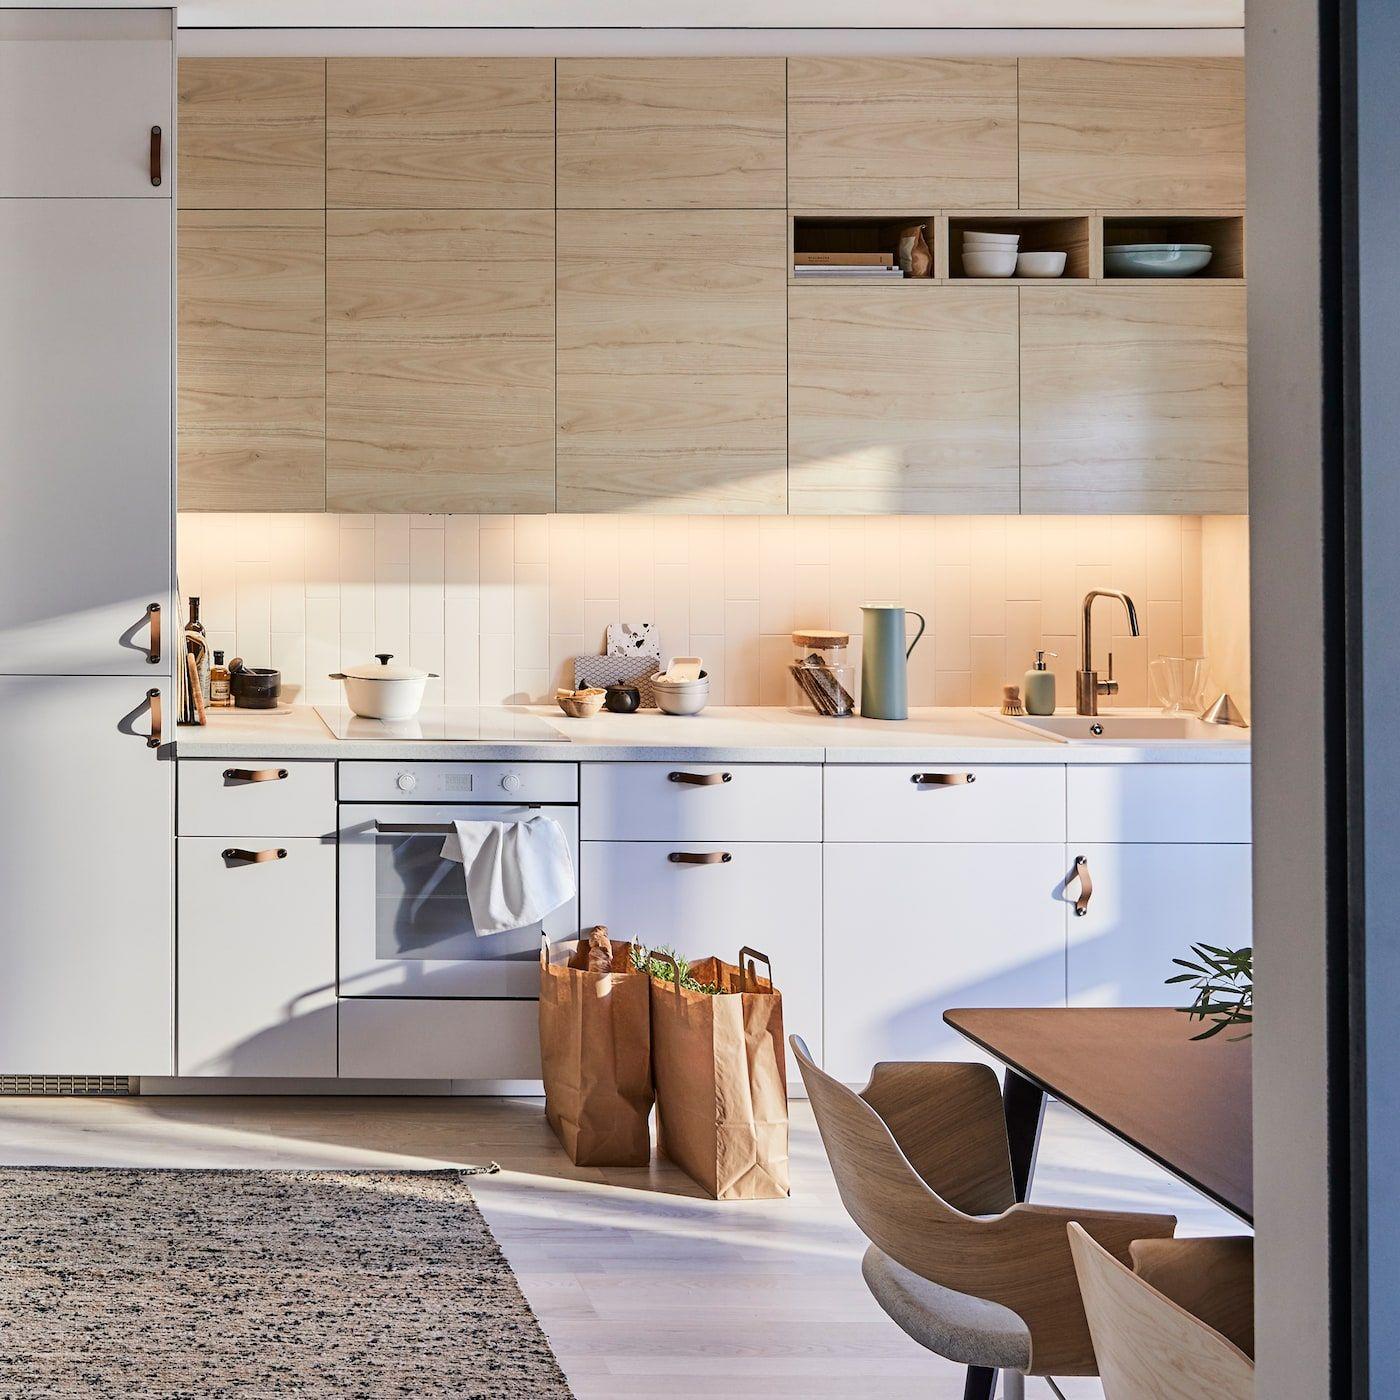 Quand Cuisiner Rime Avec Tranquilite Et Detente Cuisine Ikea